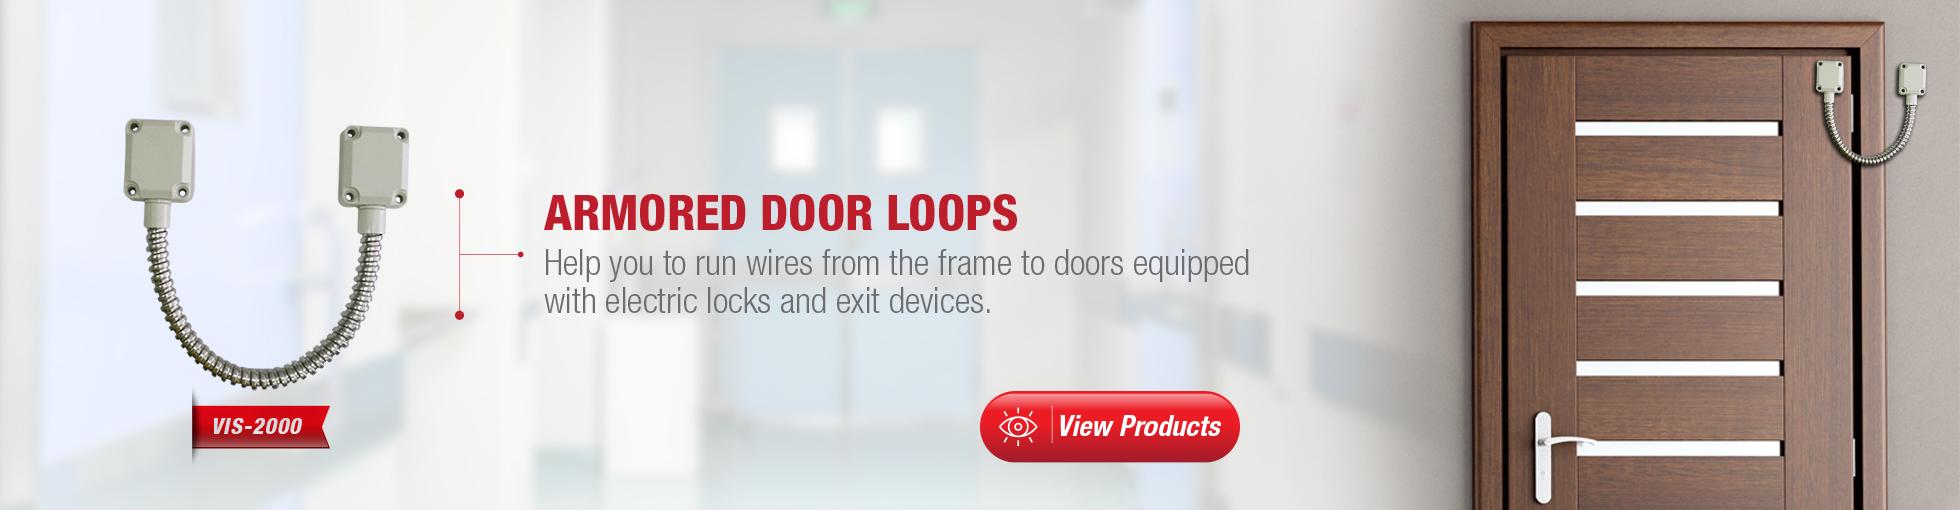 door loops home banner may2020